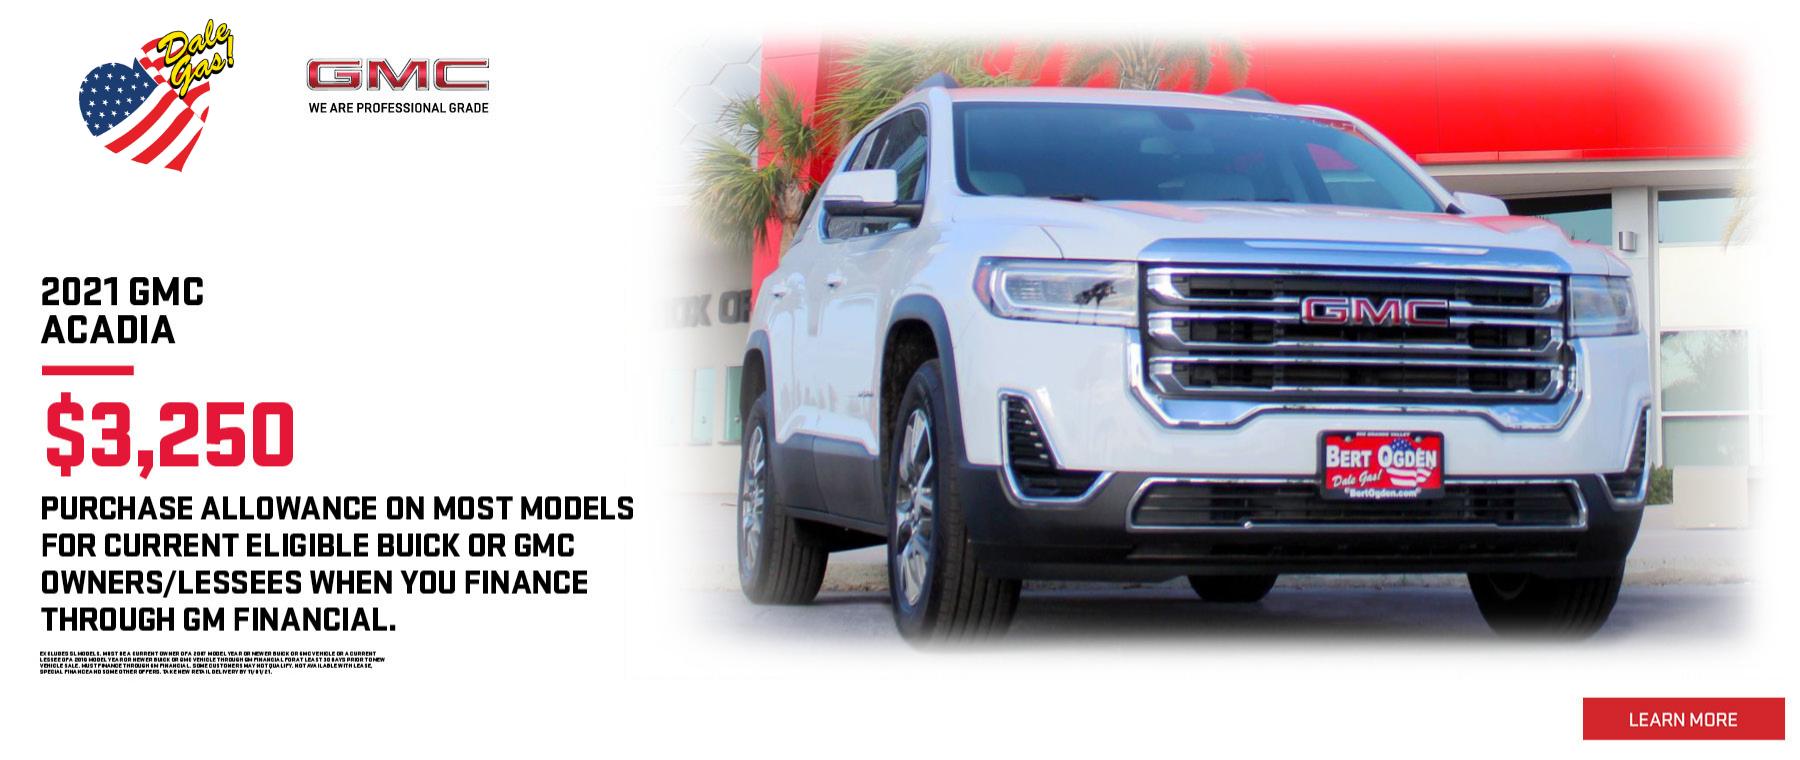 2021 GMC Acadia $3,250 Purchase Allowance | Bert Ogden Buick GMC | Edinburg, TX